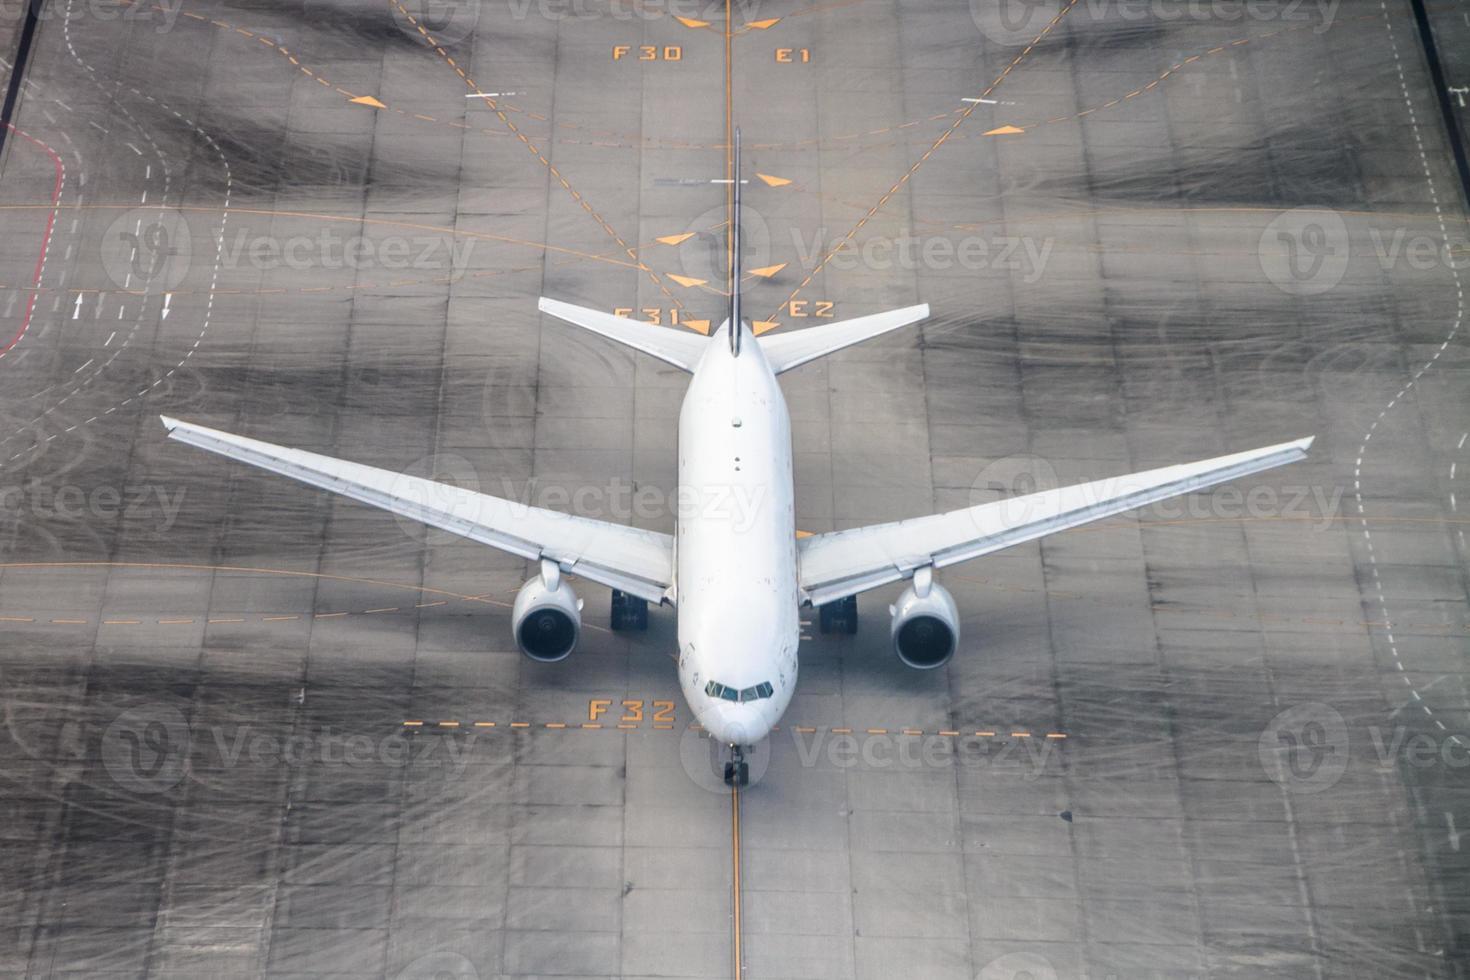 vliegtuig op een landingsbaan. foto